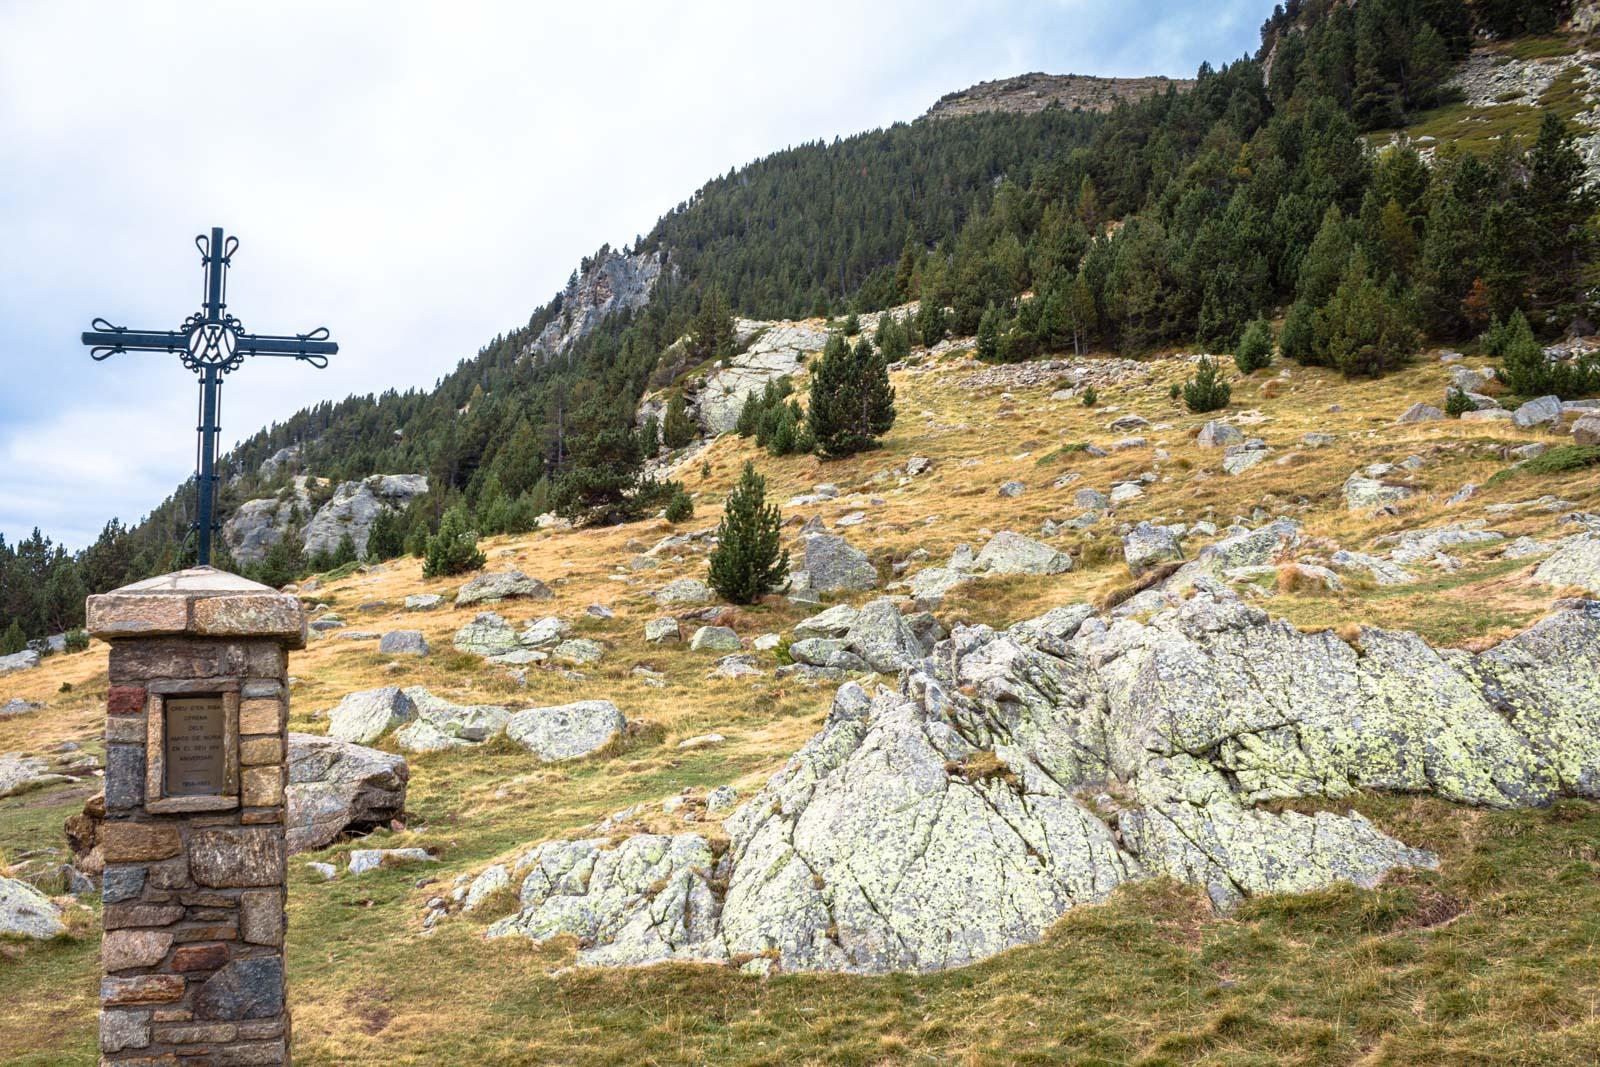 nuria valley, vall de nuria, pyrenees, catalonia, spain